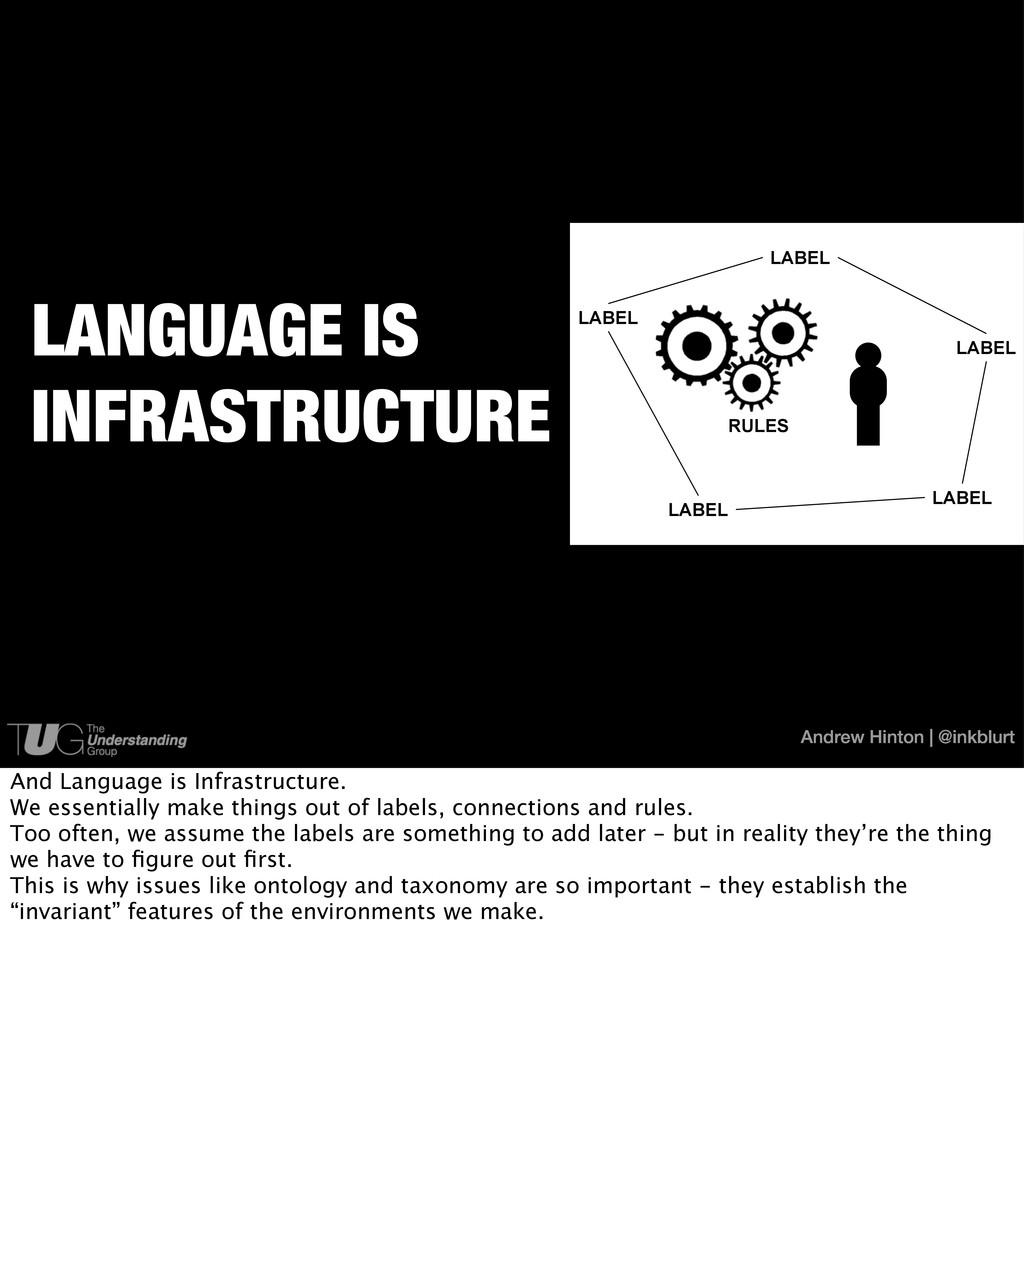 Andrew Hinton | @inkblurt LANGUAGE IS INFRASTRU...